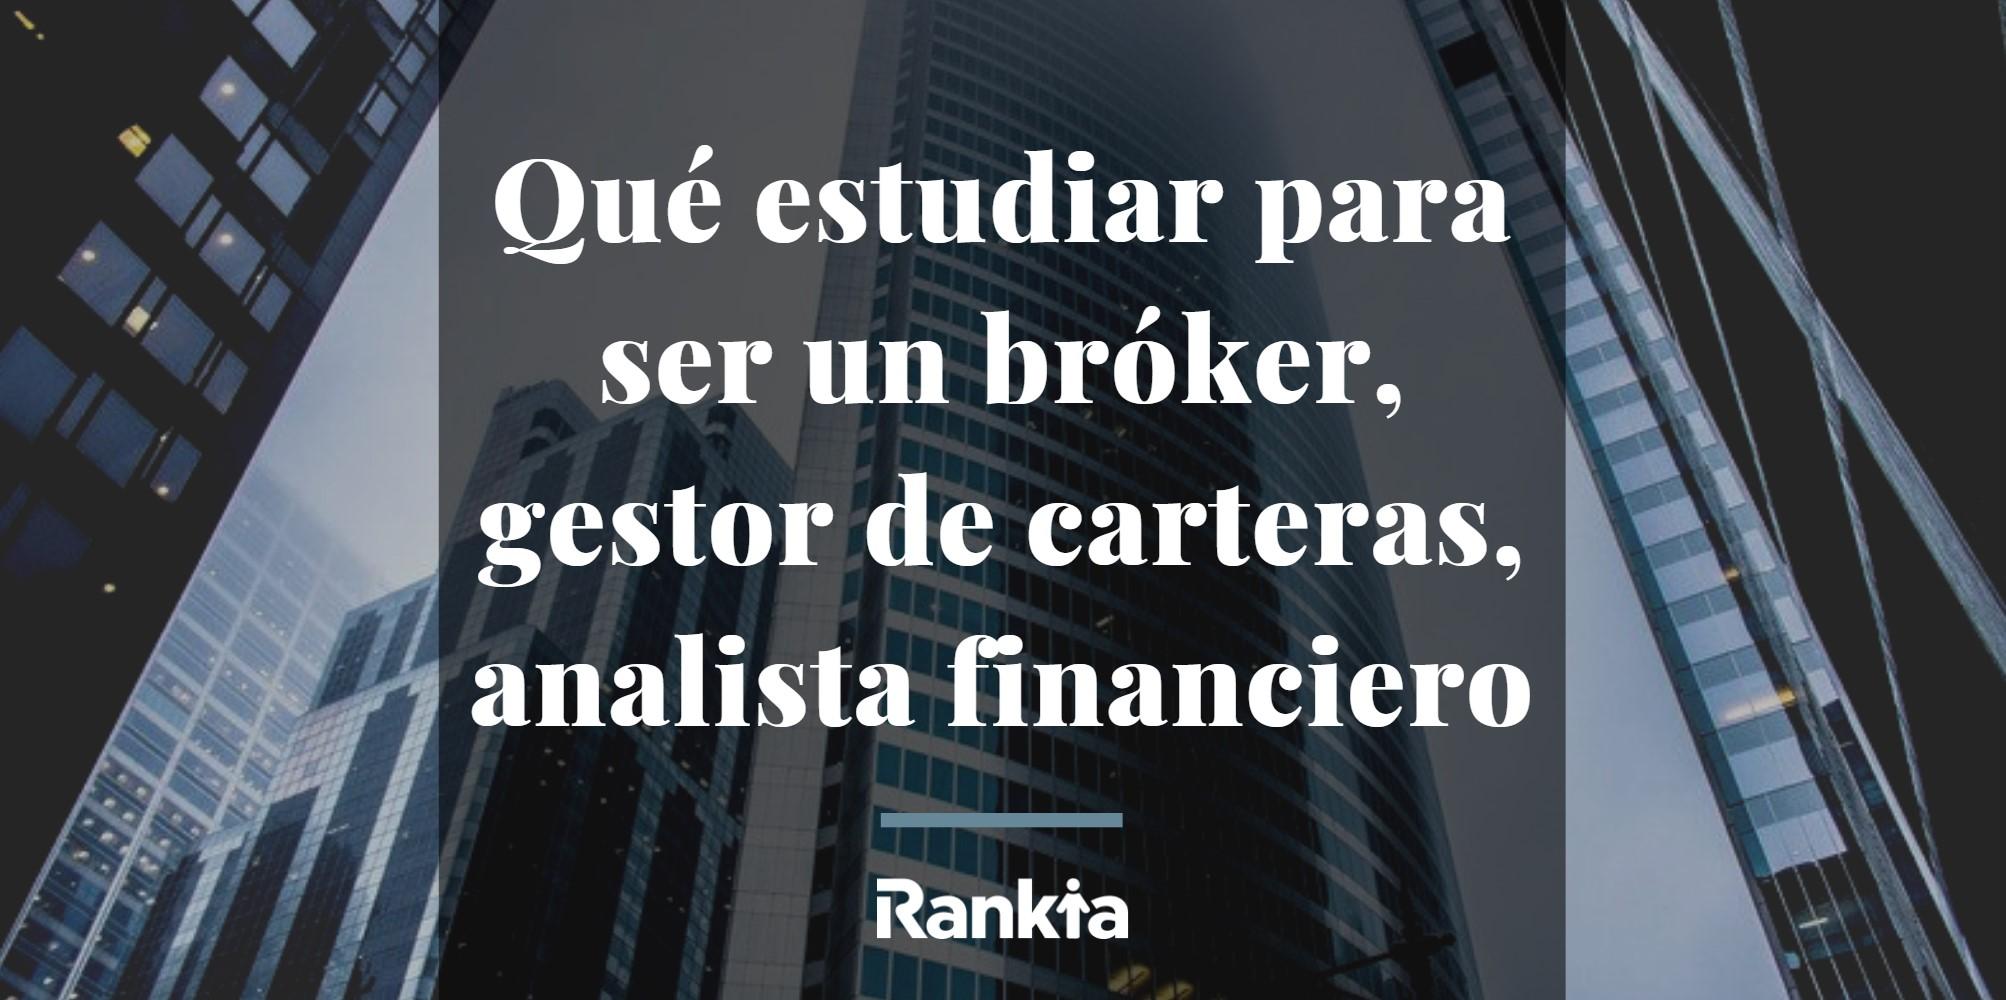 qué estudiar para ser un bróker, gestor de carteras, analista financiero